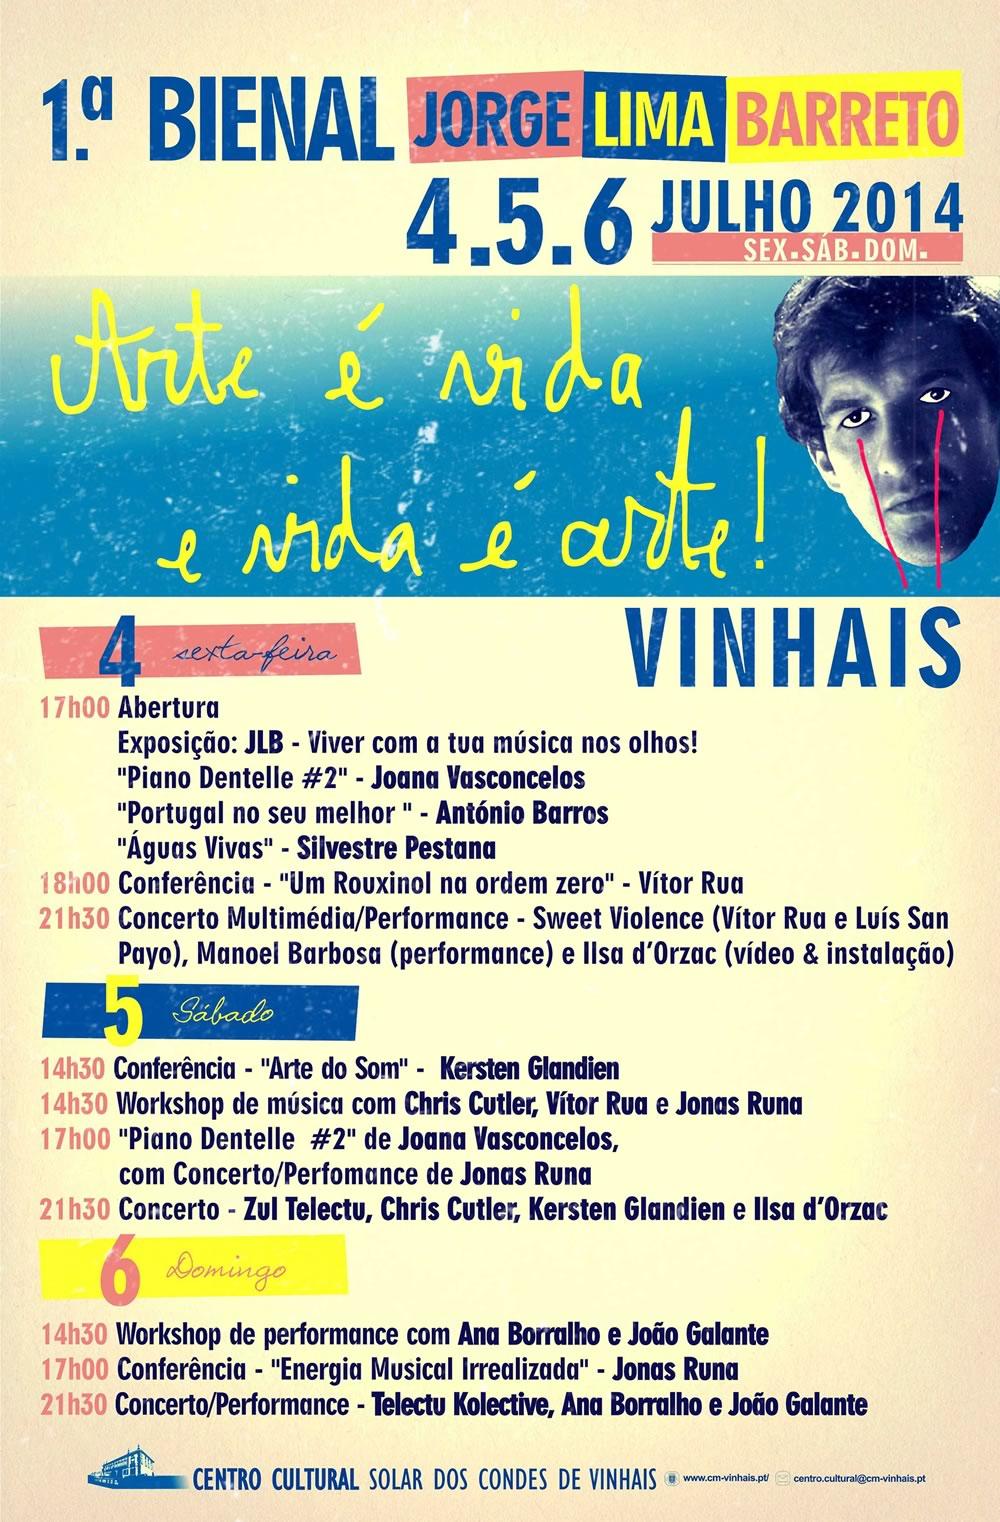 Participe na 1ª Bienal - Jorge Lima Barreto - Vinhais